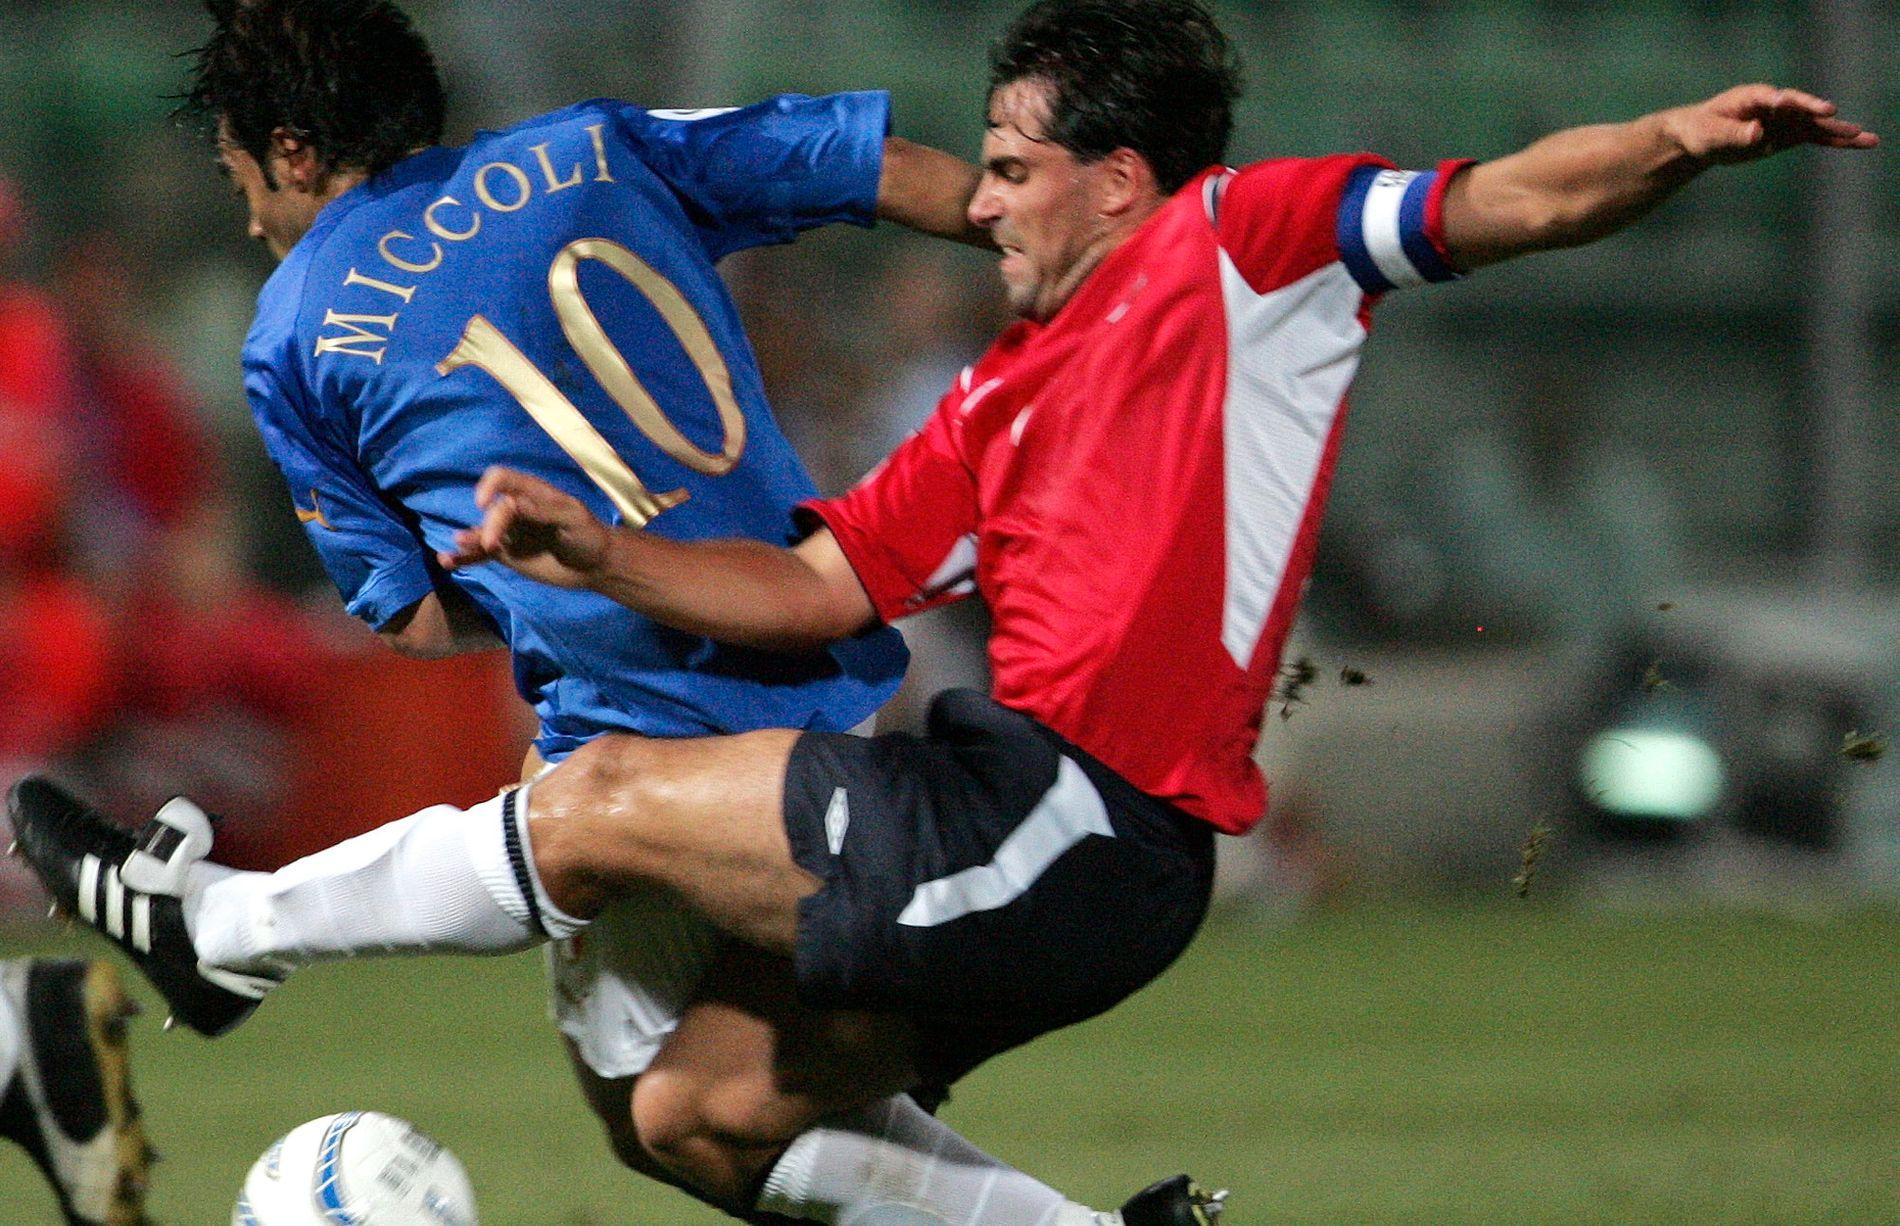 LANDSLAGSKAPTEIN: Martin Andresen, med flagget på brystet og bind rundt overarmen, i kamp mot Italia i september 2004.